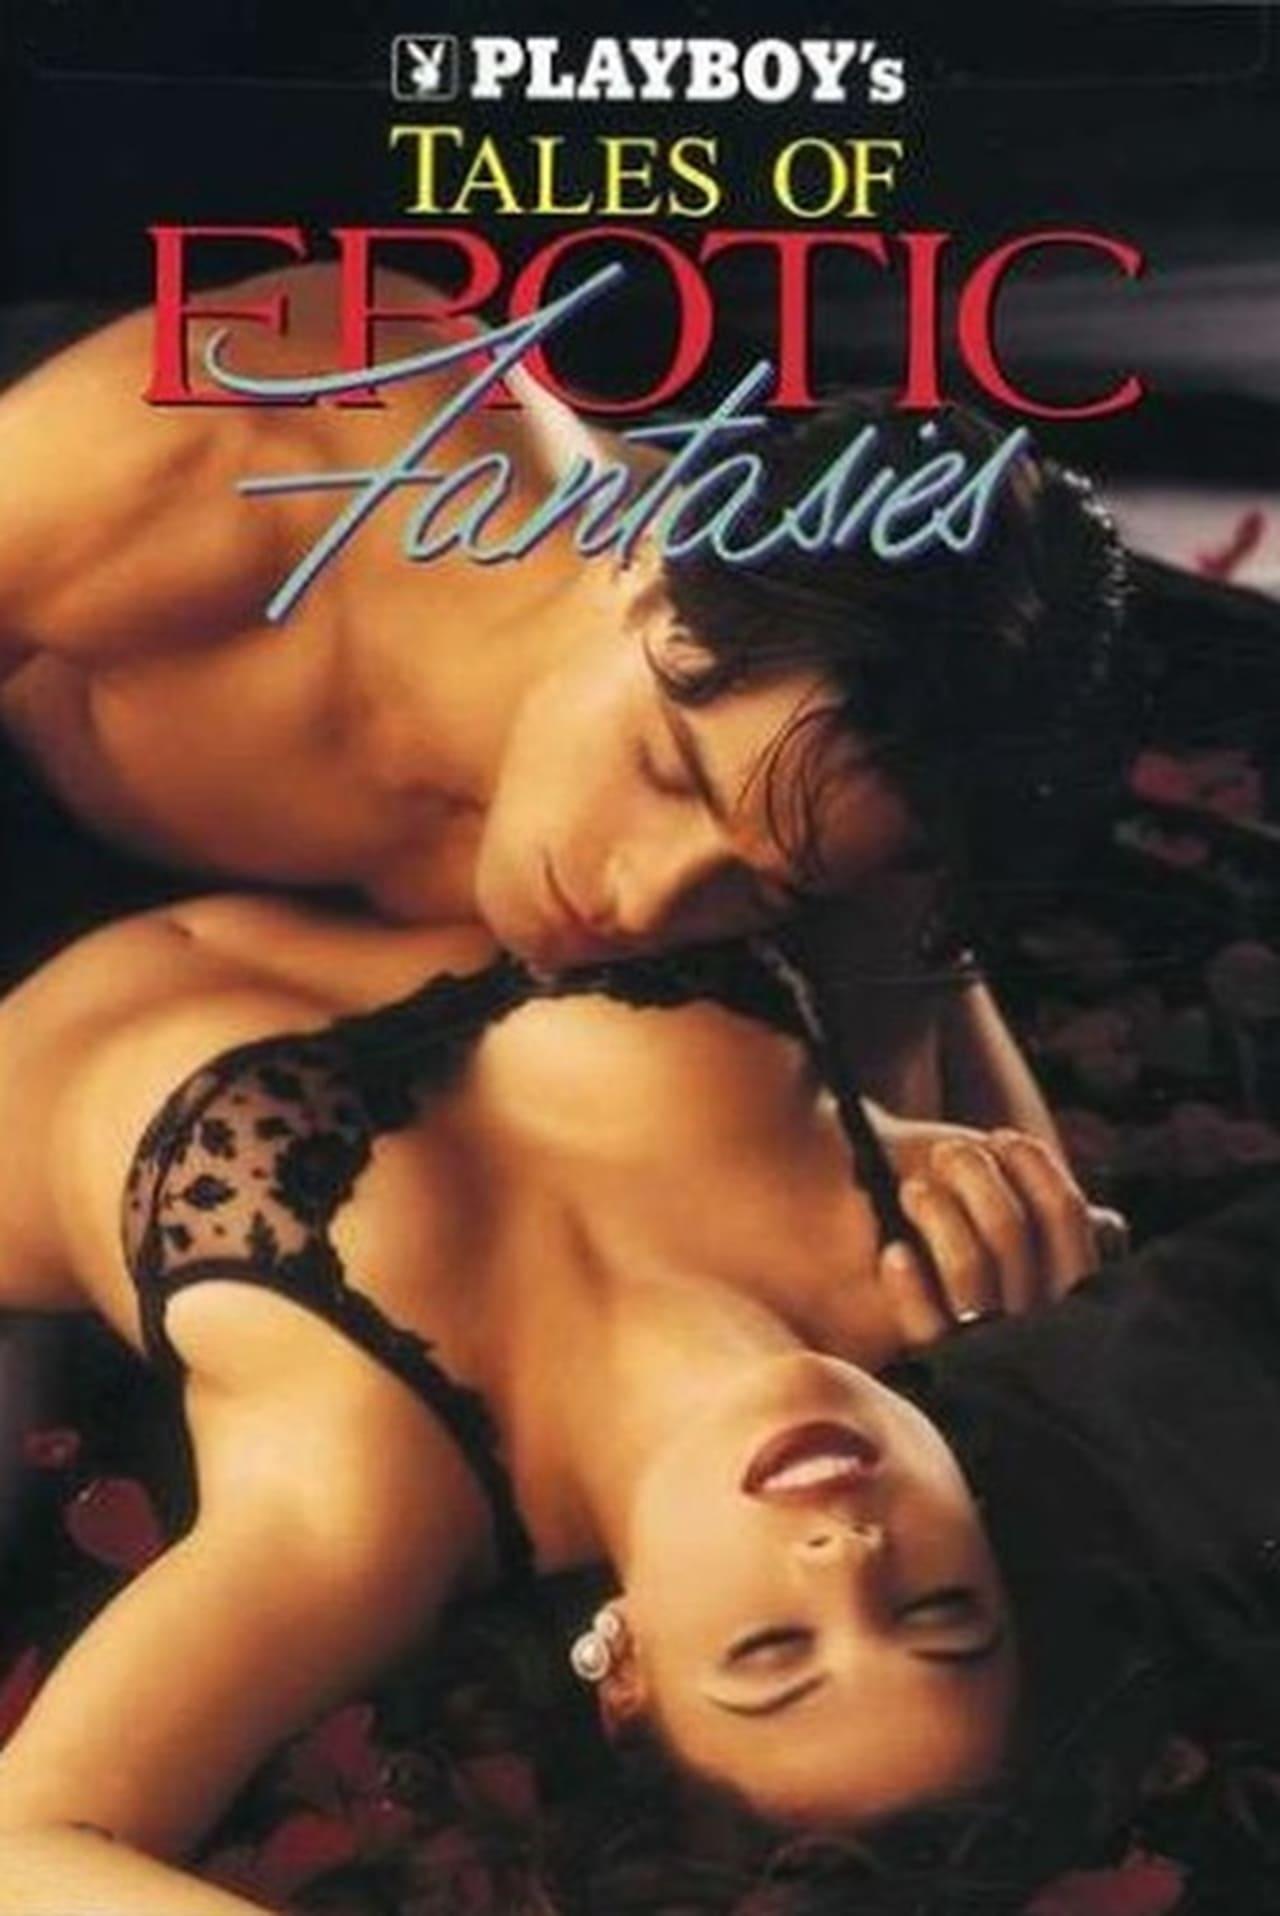 Playboy: Tales of Erotic Fantasies (1999)